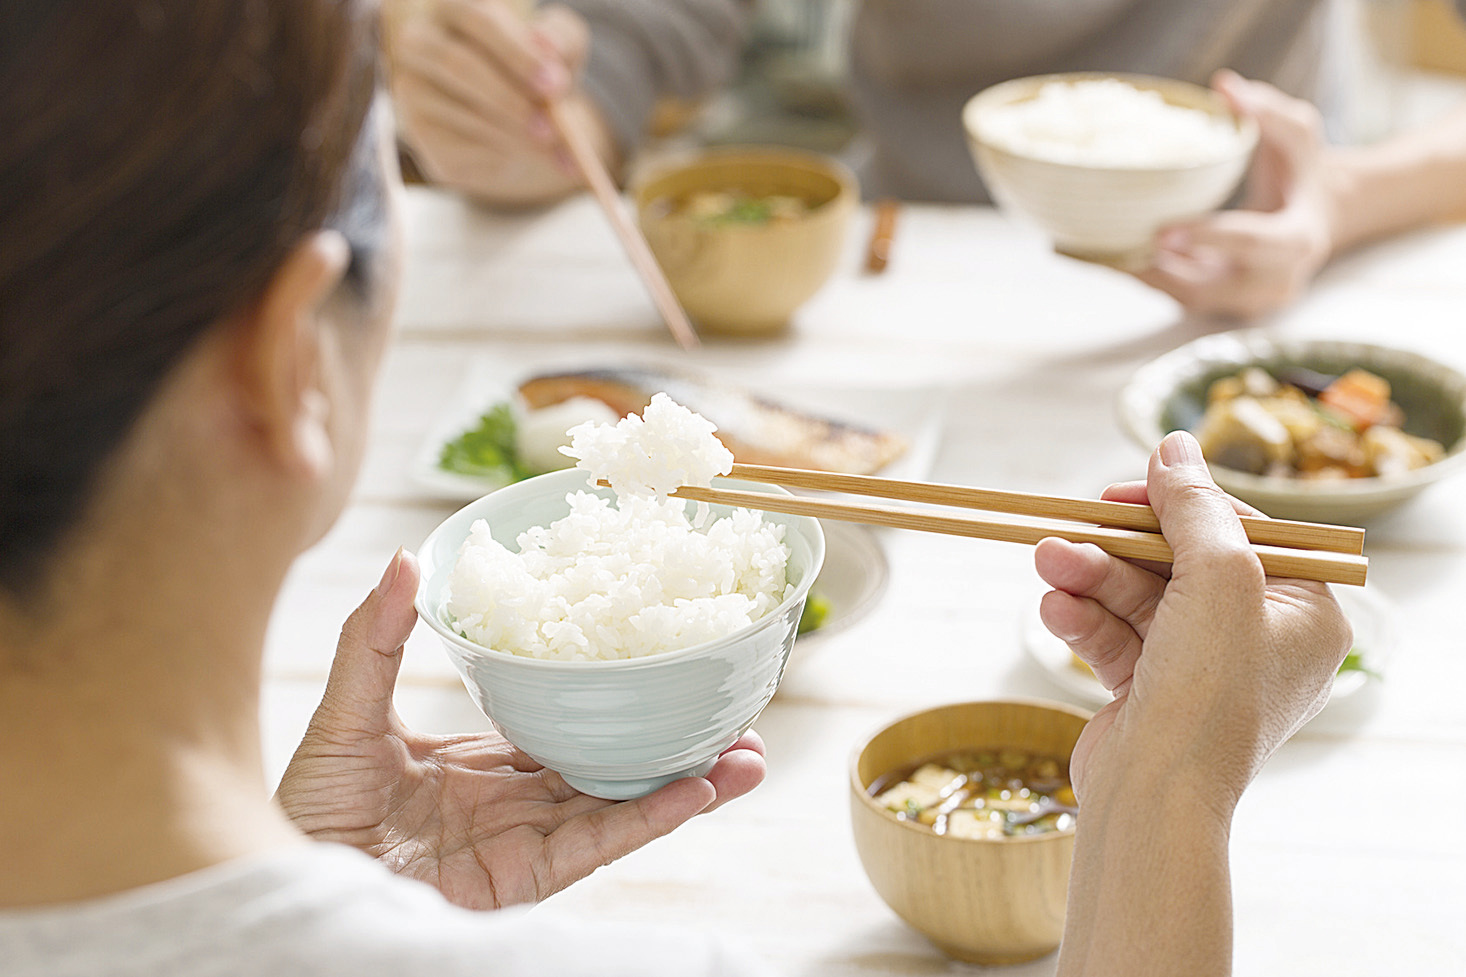 日本飲食清淡,加上吃應季和新鮮的東西,符合自然之道,因此毫不費力,就獲得最健康的吃法。(Fotolia)